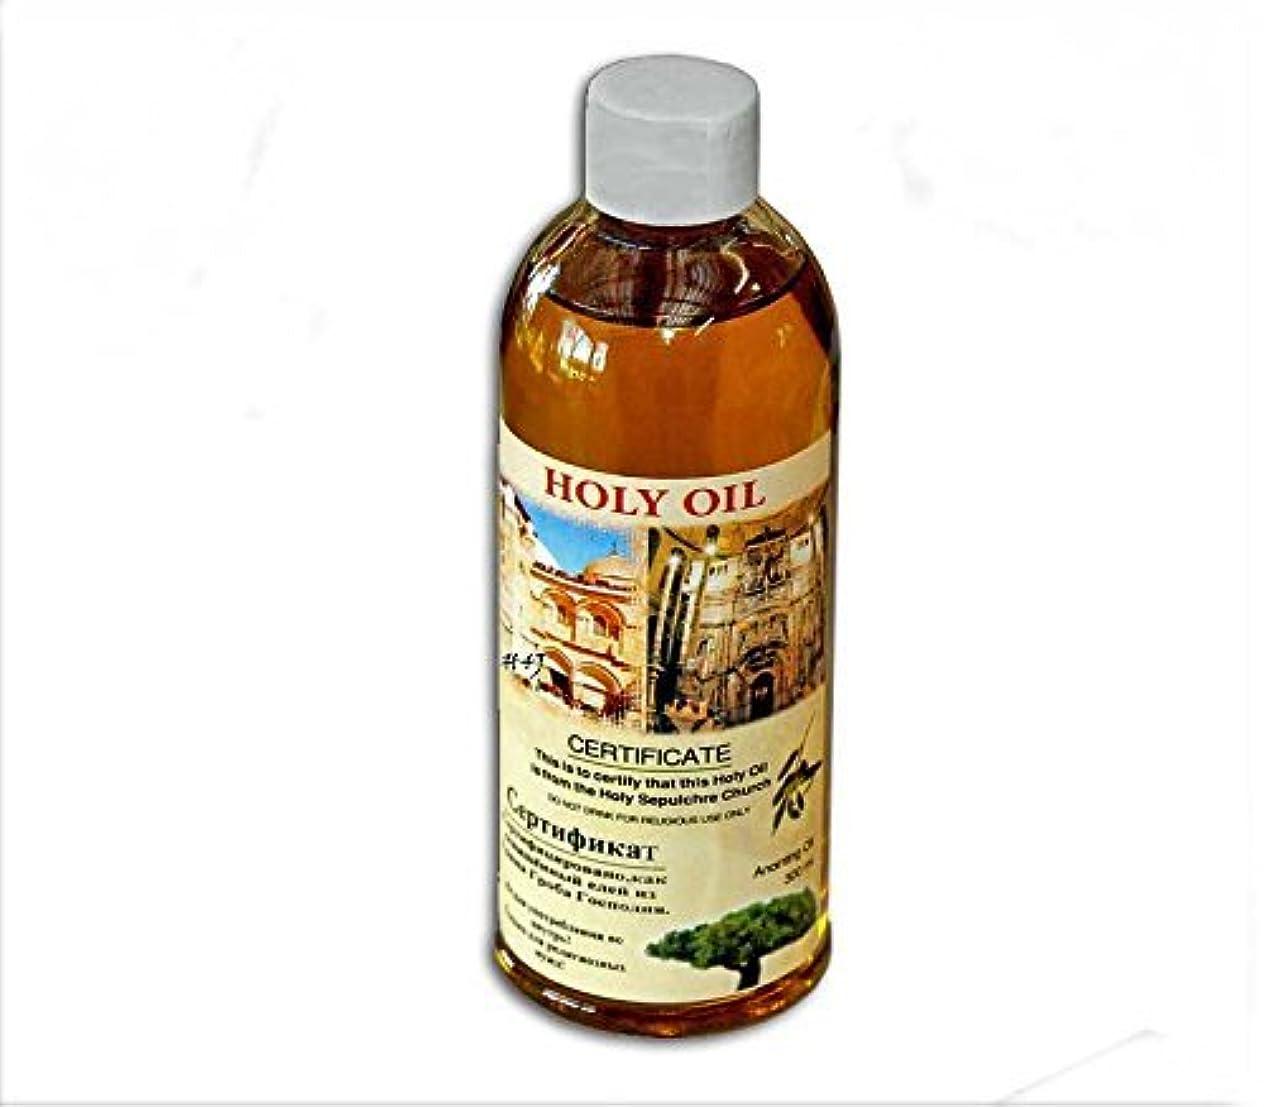 中で打たれたトラックプット60 ml Holy Land AnointingオイルCertificated Blessed小さなボトルからエルサレムbyベツレヘムギフトTM